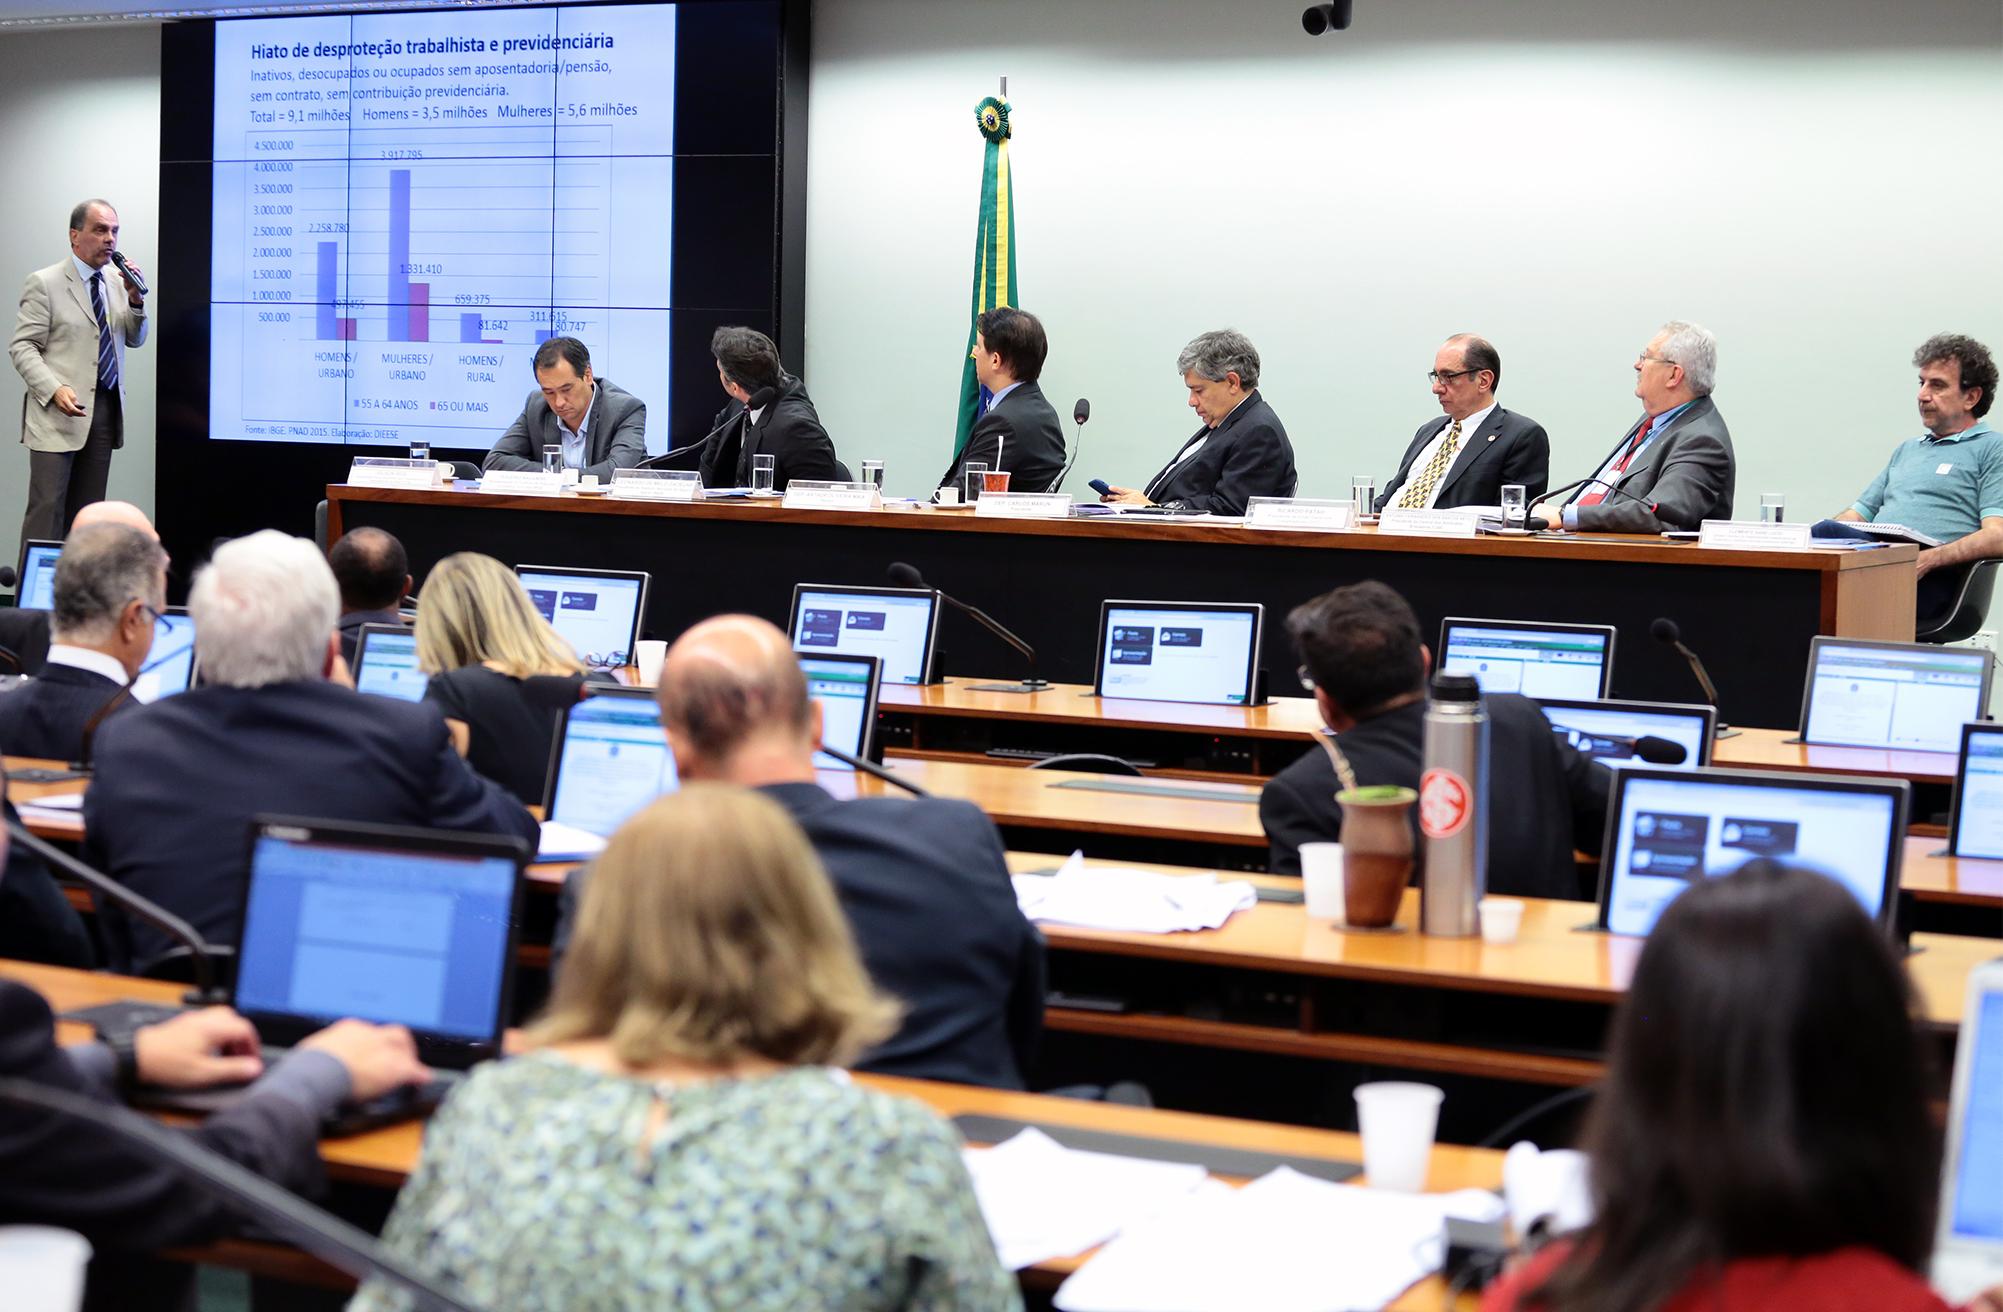 Audiência pública sobre os aspectos relacionados ao Regime Geral da Previdência Social. Diretor Técnico DIEESE, Clemente Ganz Lúcio